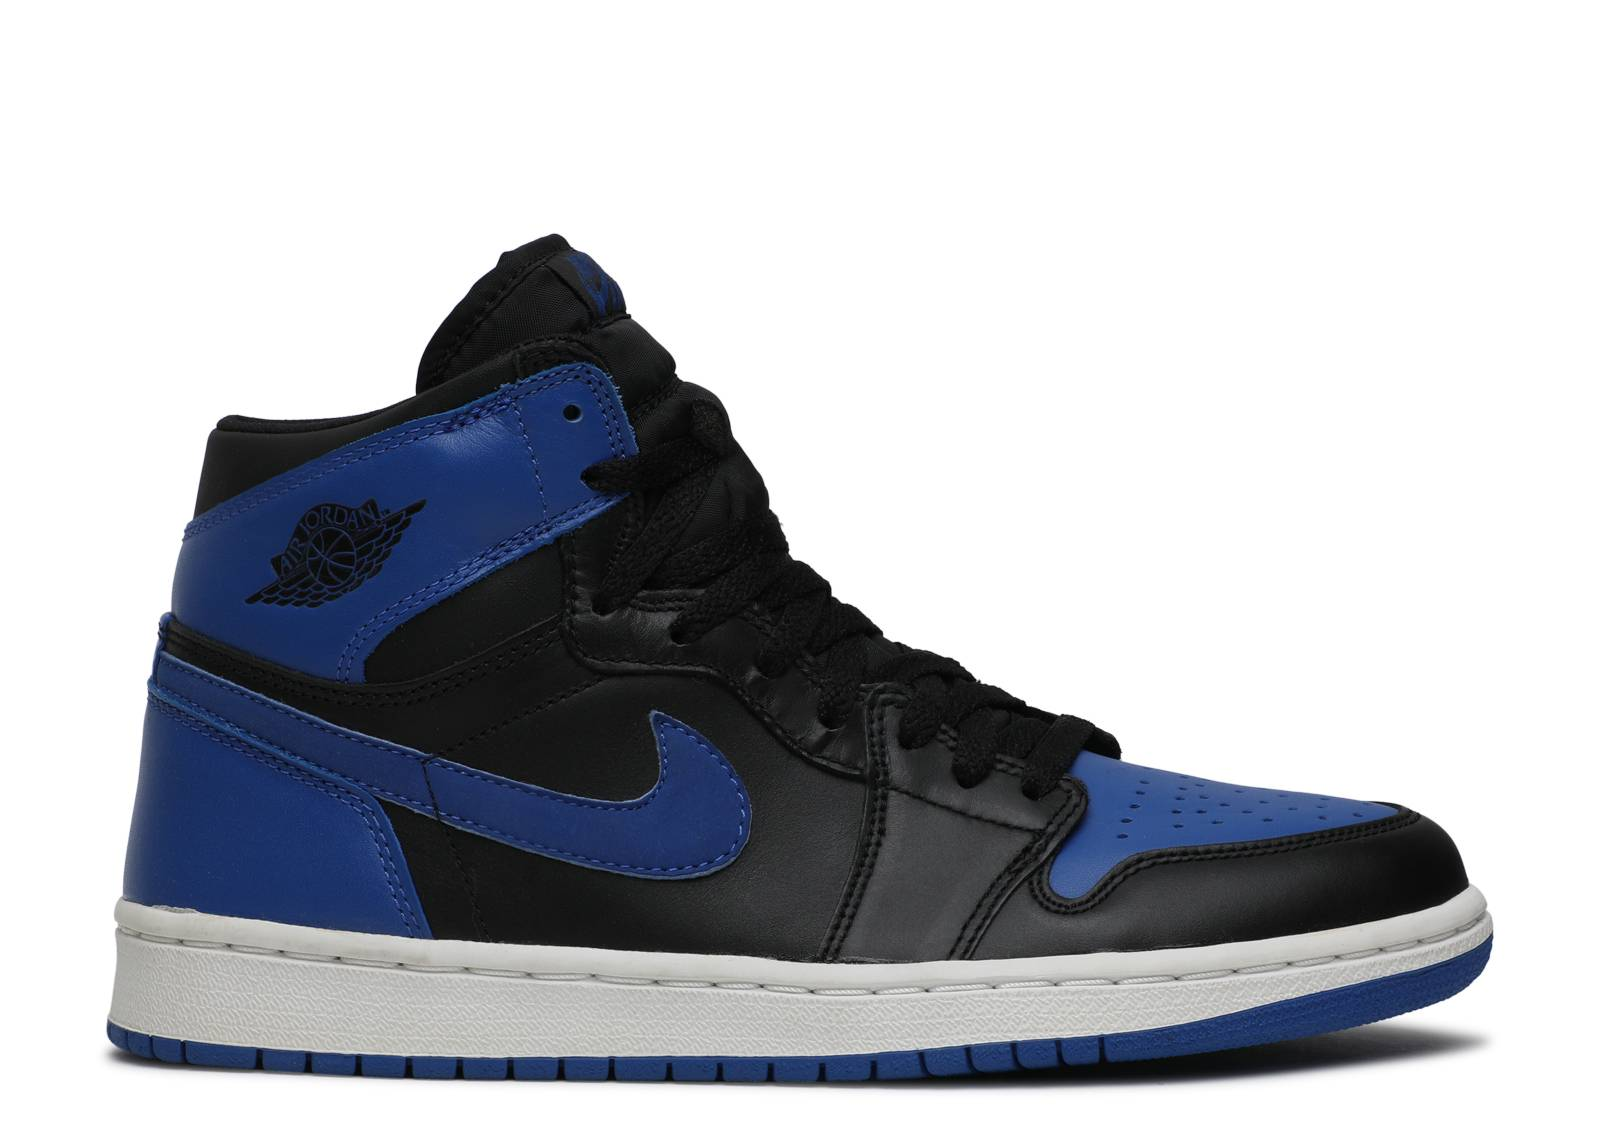 885d778497ab Air Jordan 1 Retro - Air Jordan - 136066 041 - black royal blue ...